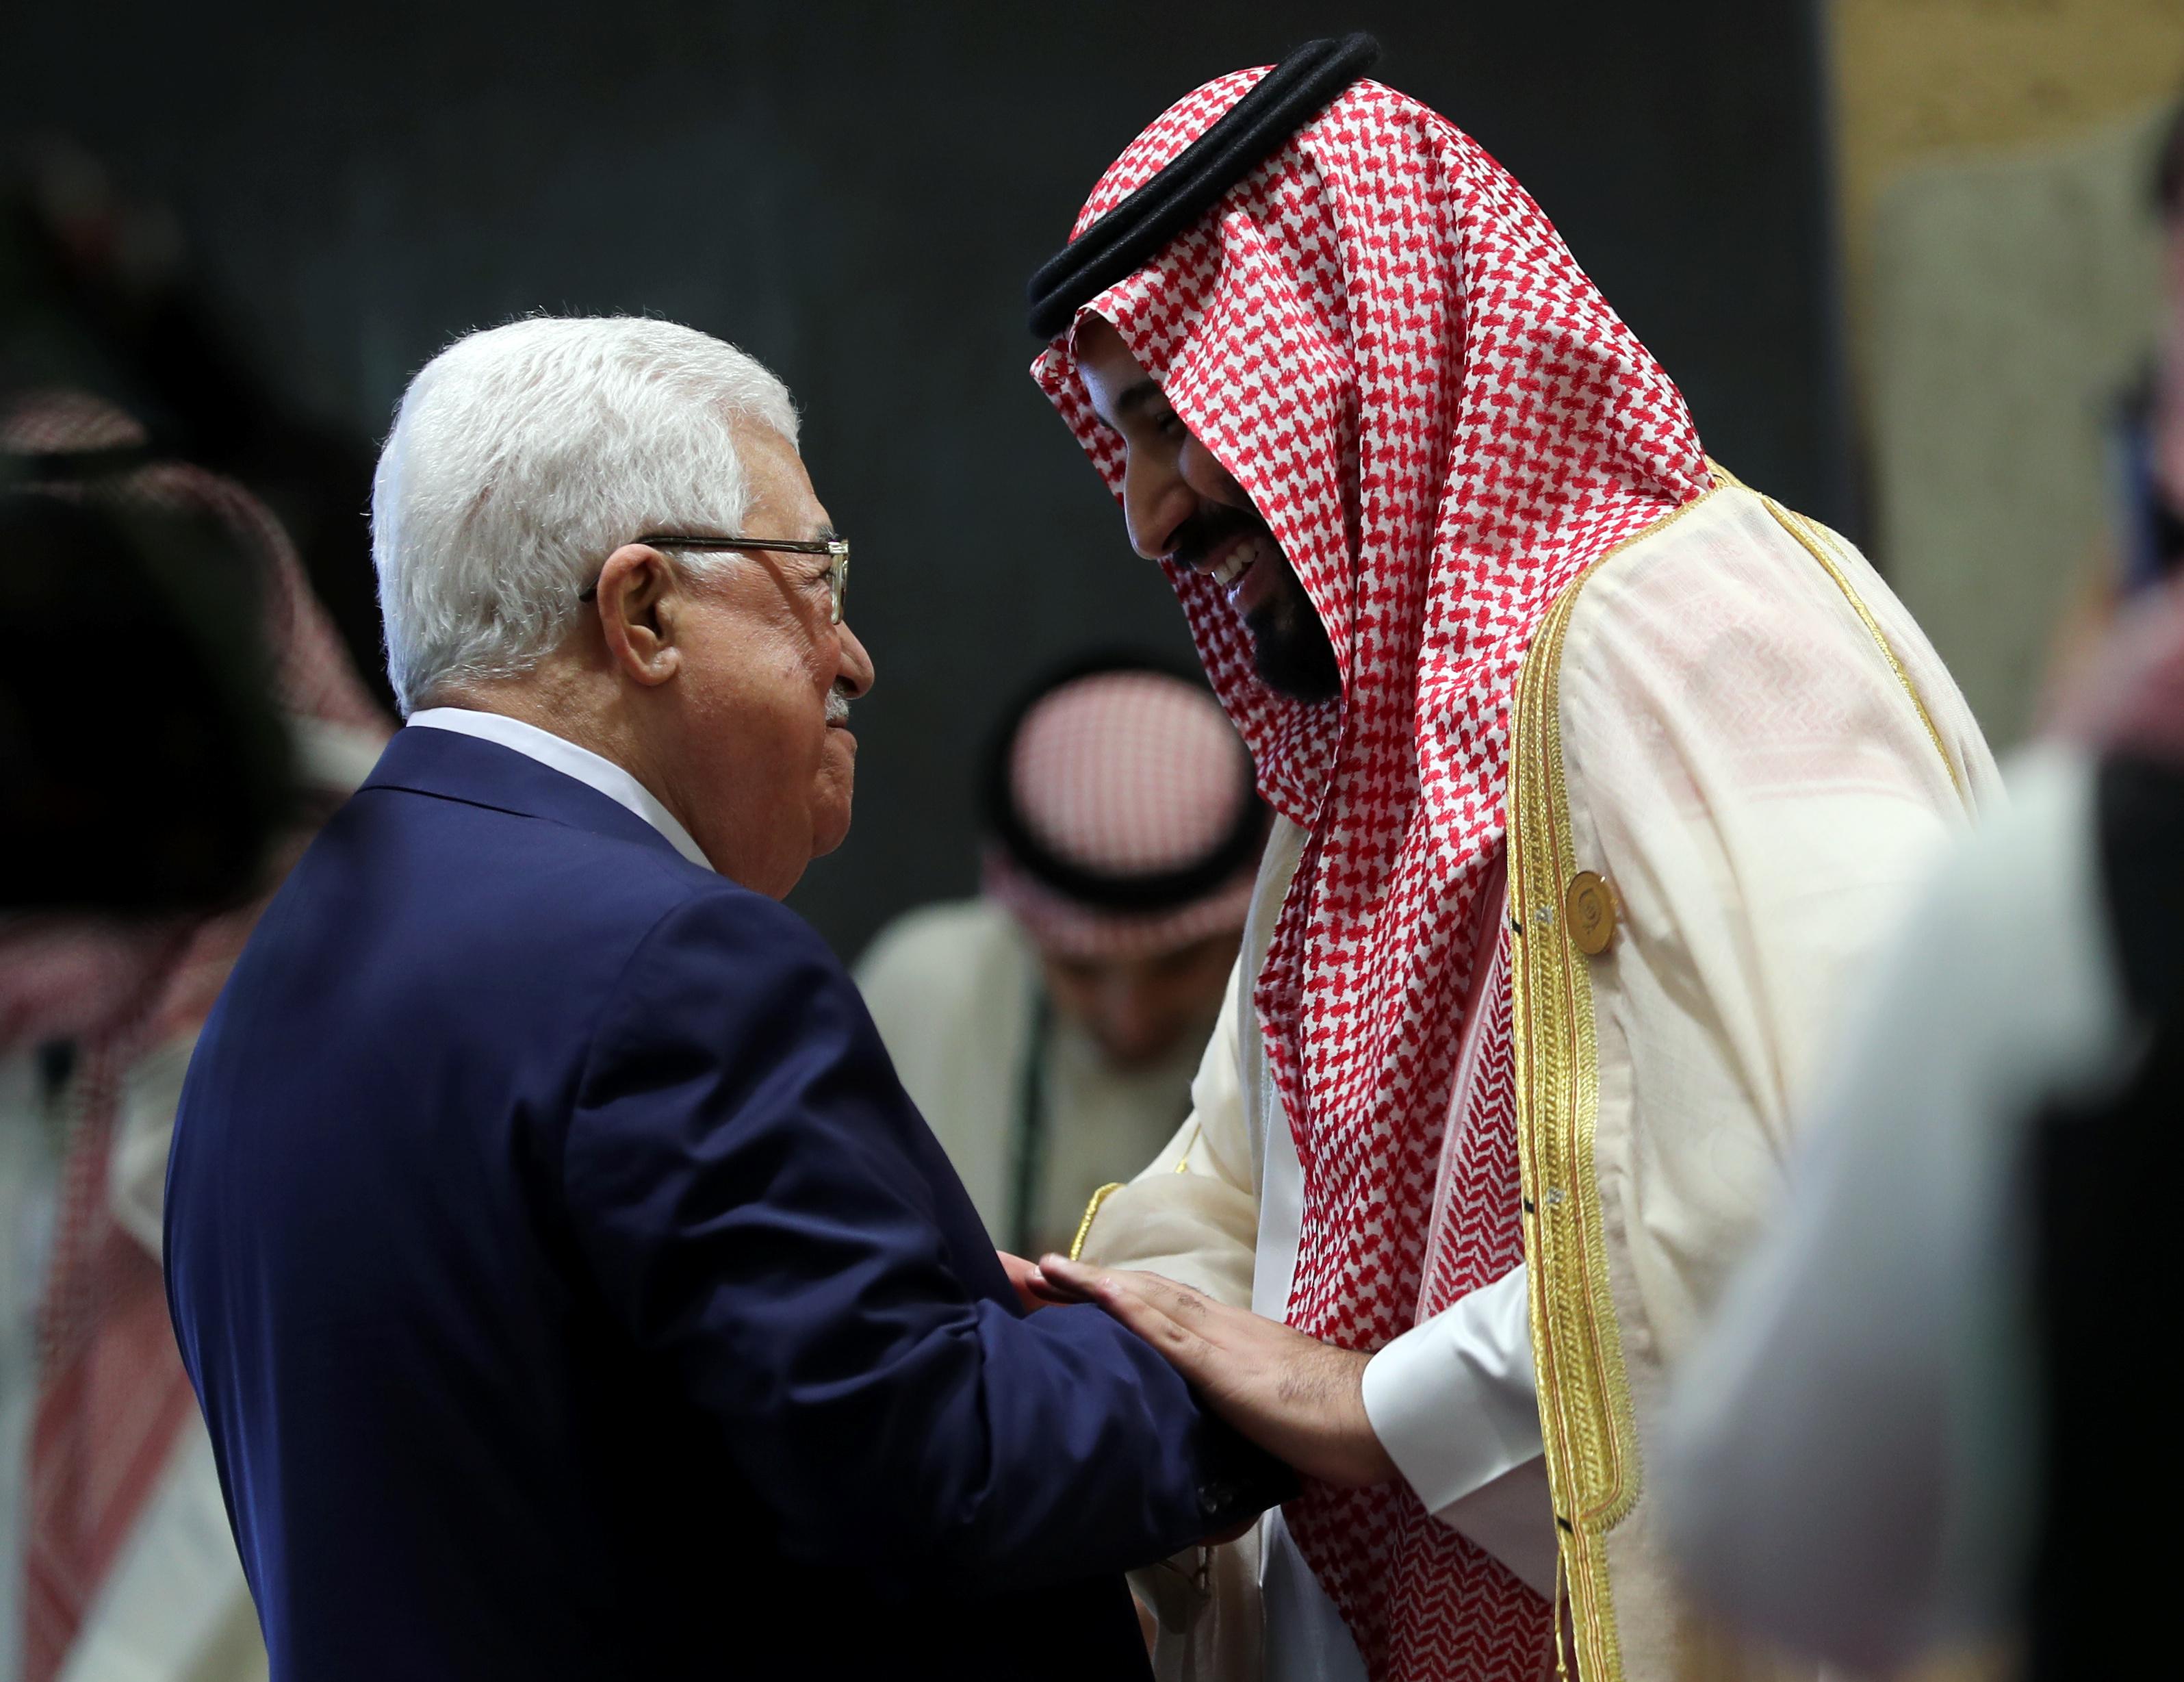 ولى العهد السعودى والرئيس الفلسطينى خلال القمة